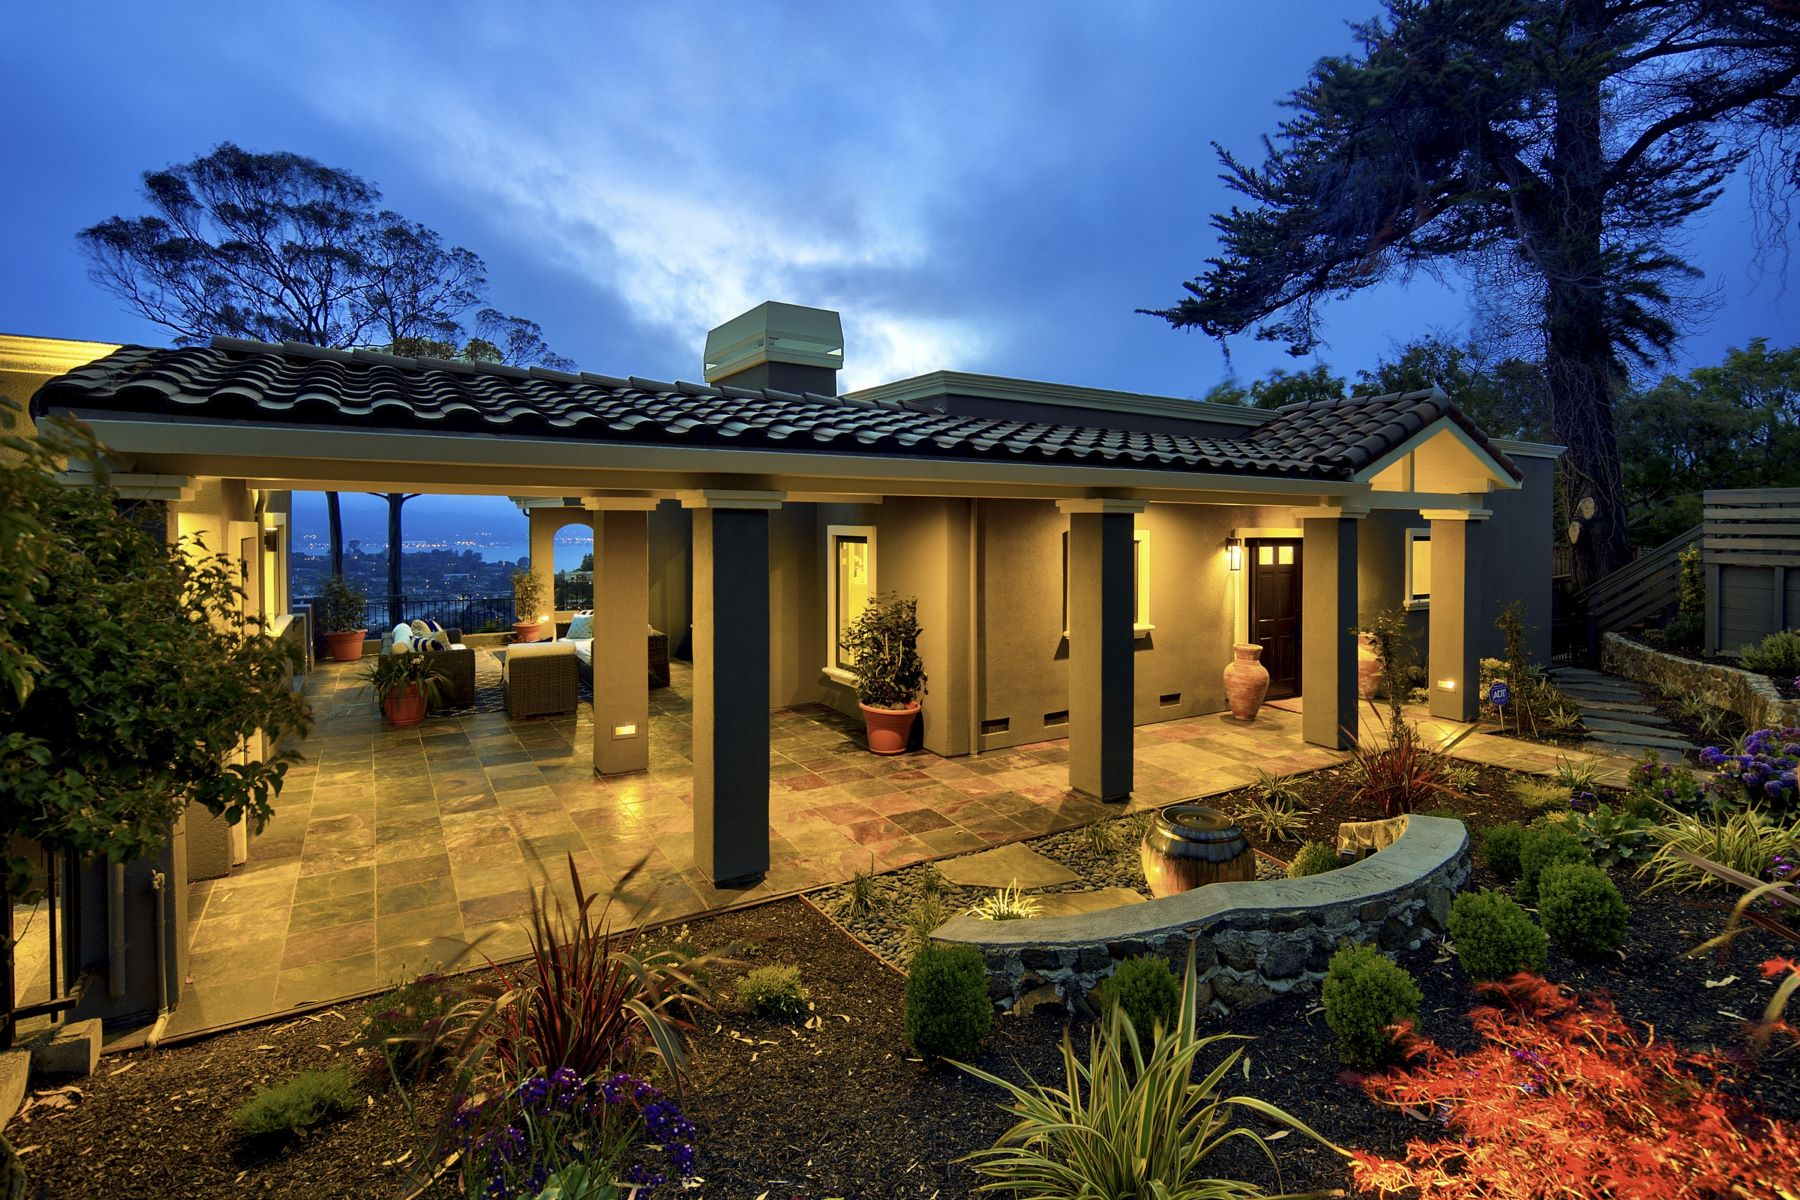 Single Family Home for Sale at Portofino in Tiburon! 1830 Mountain View Dr Tiburon, California 94920 United States